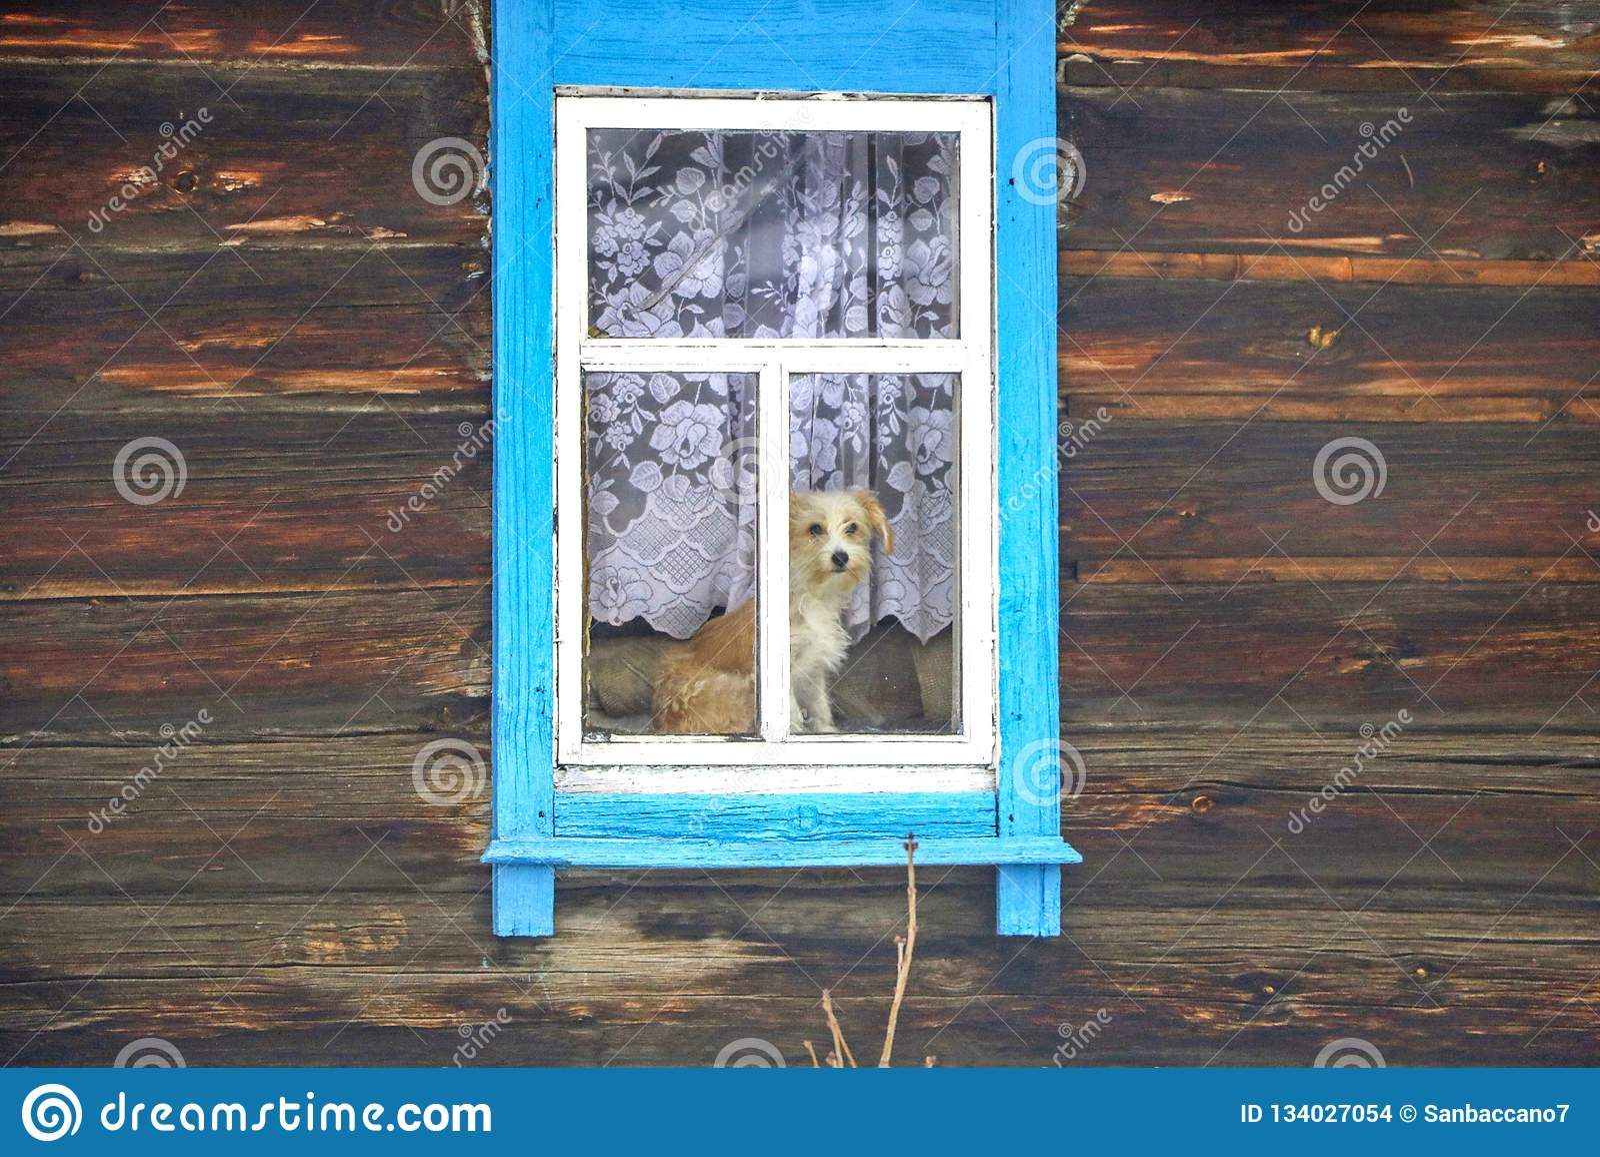 Cane nella finestra di una casa di legno